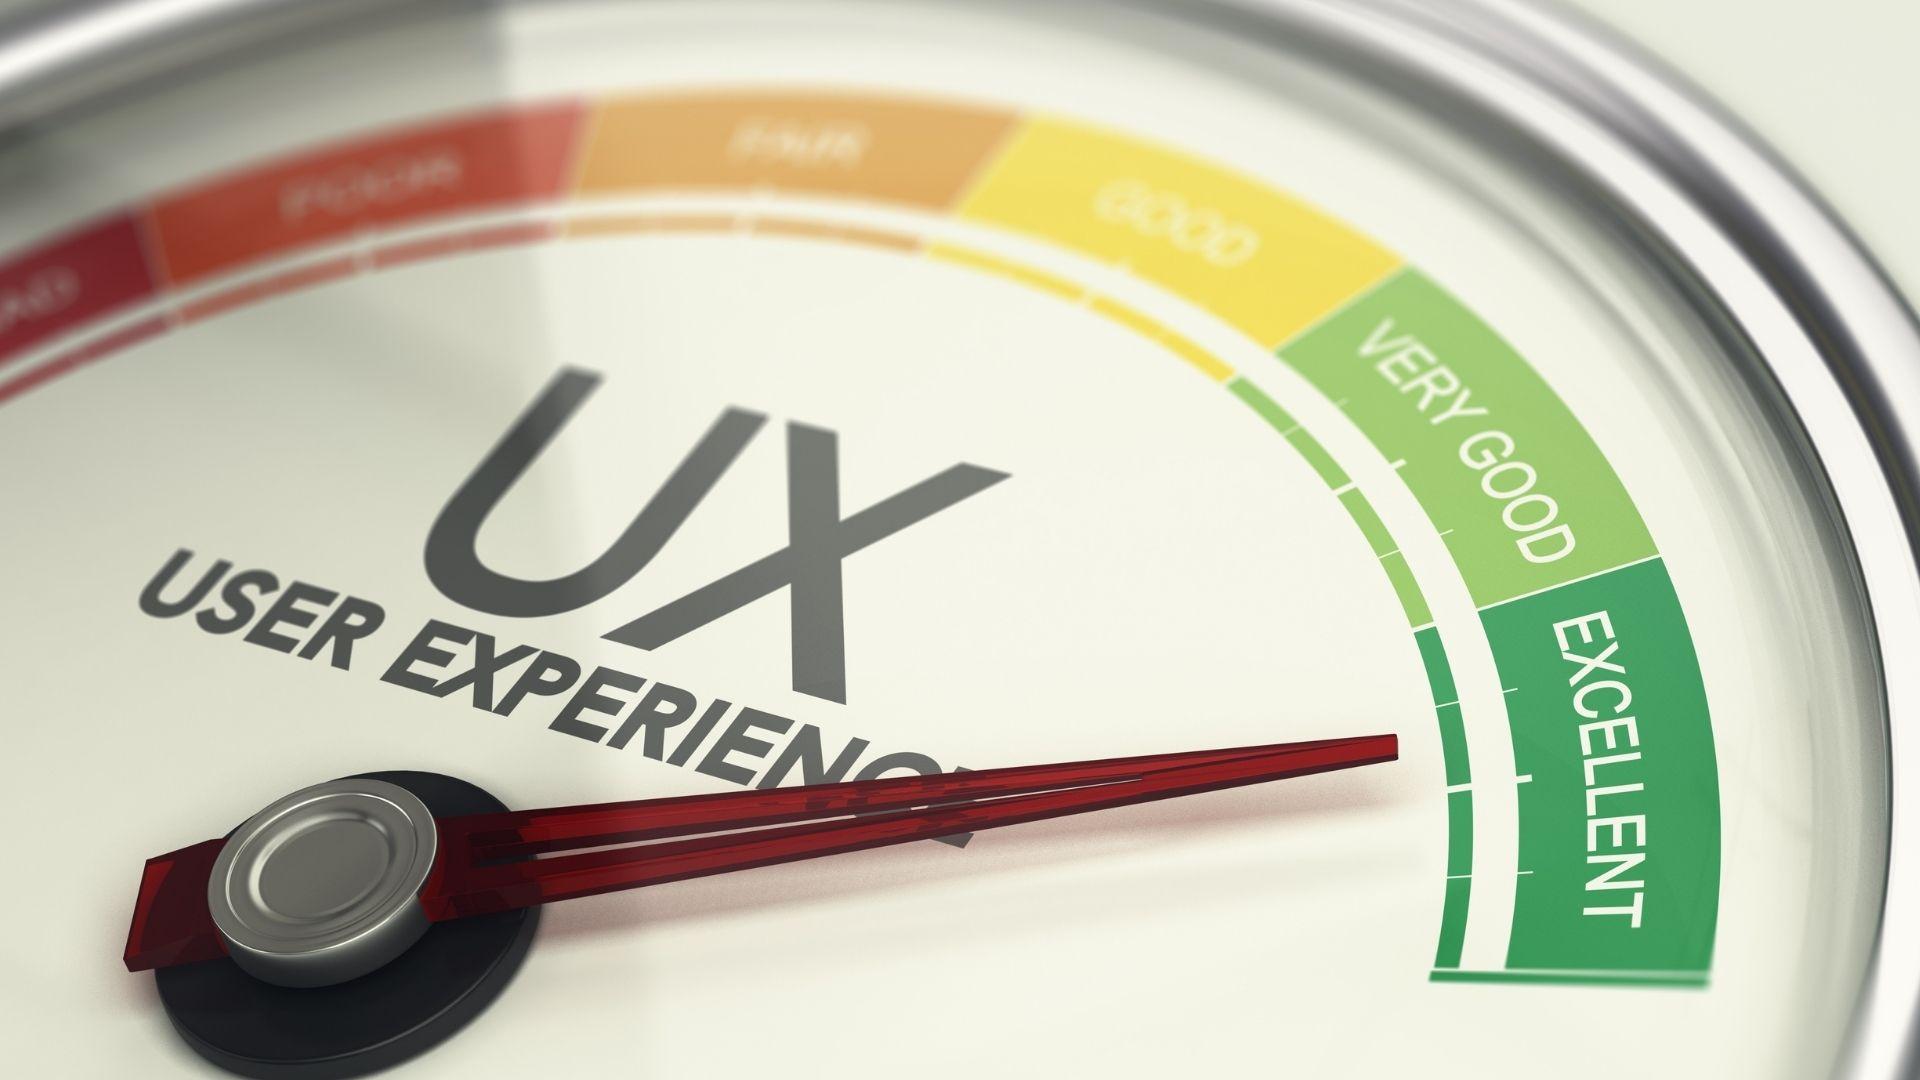 Google Mai 2021 SXO User Experience